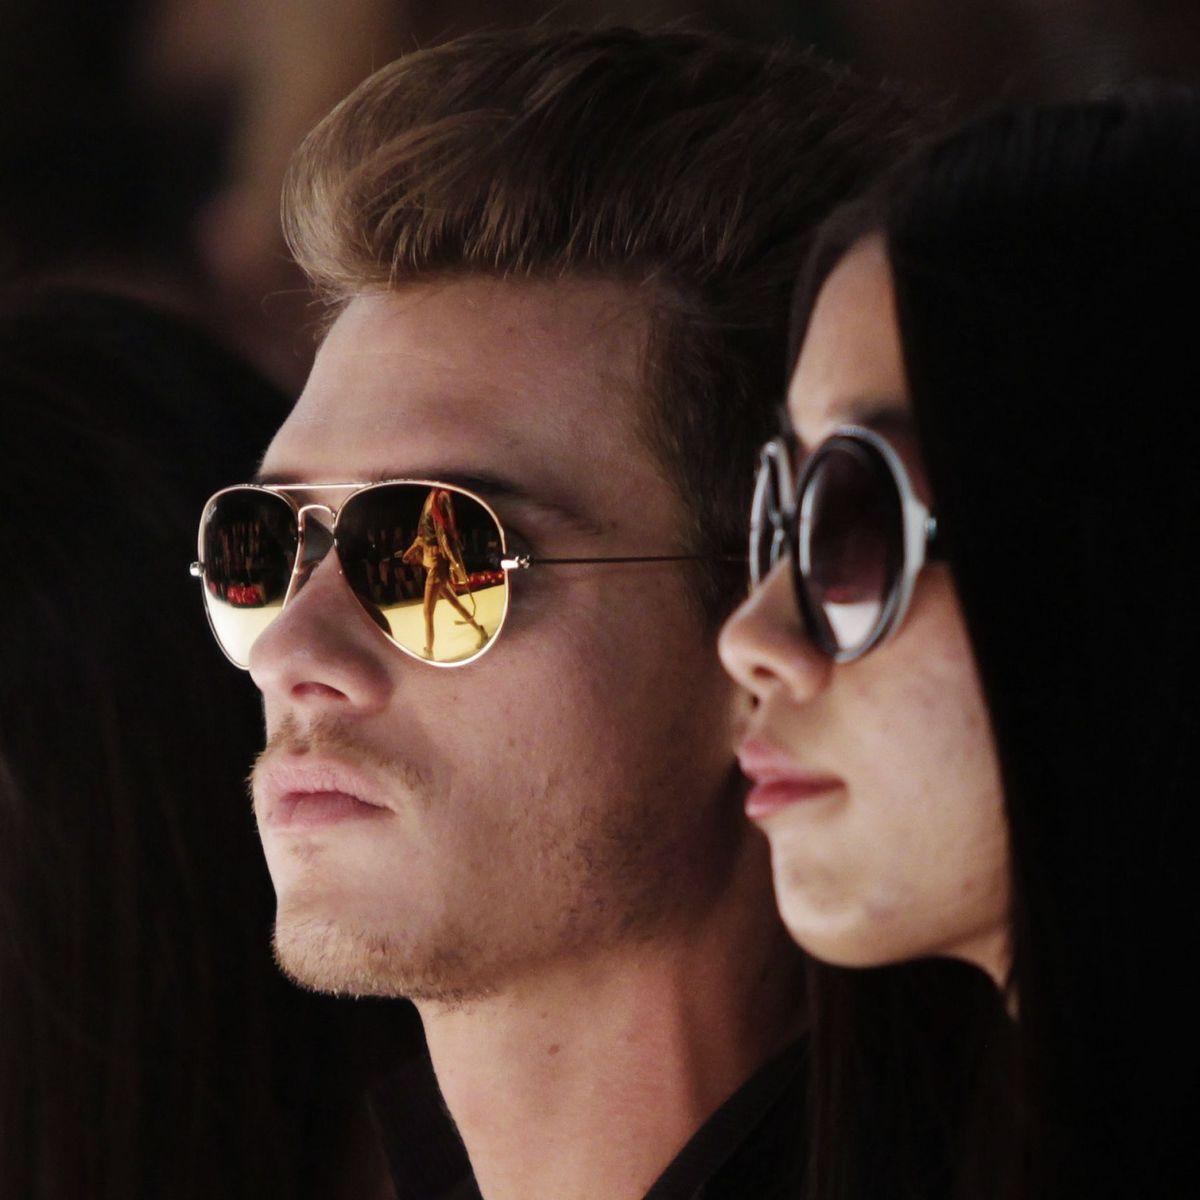 Wer hat die Sonnenbrille erfunden Und wann wurde die Sonnenbrille erfunden